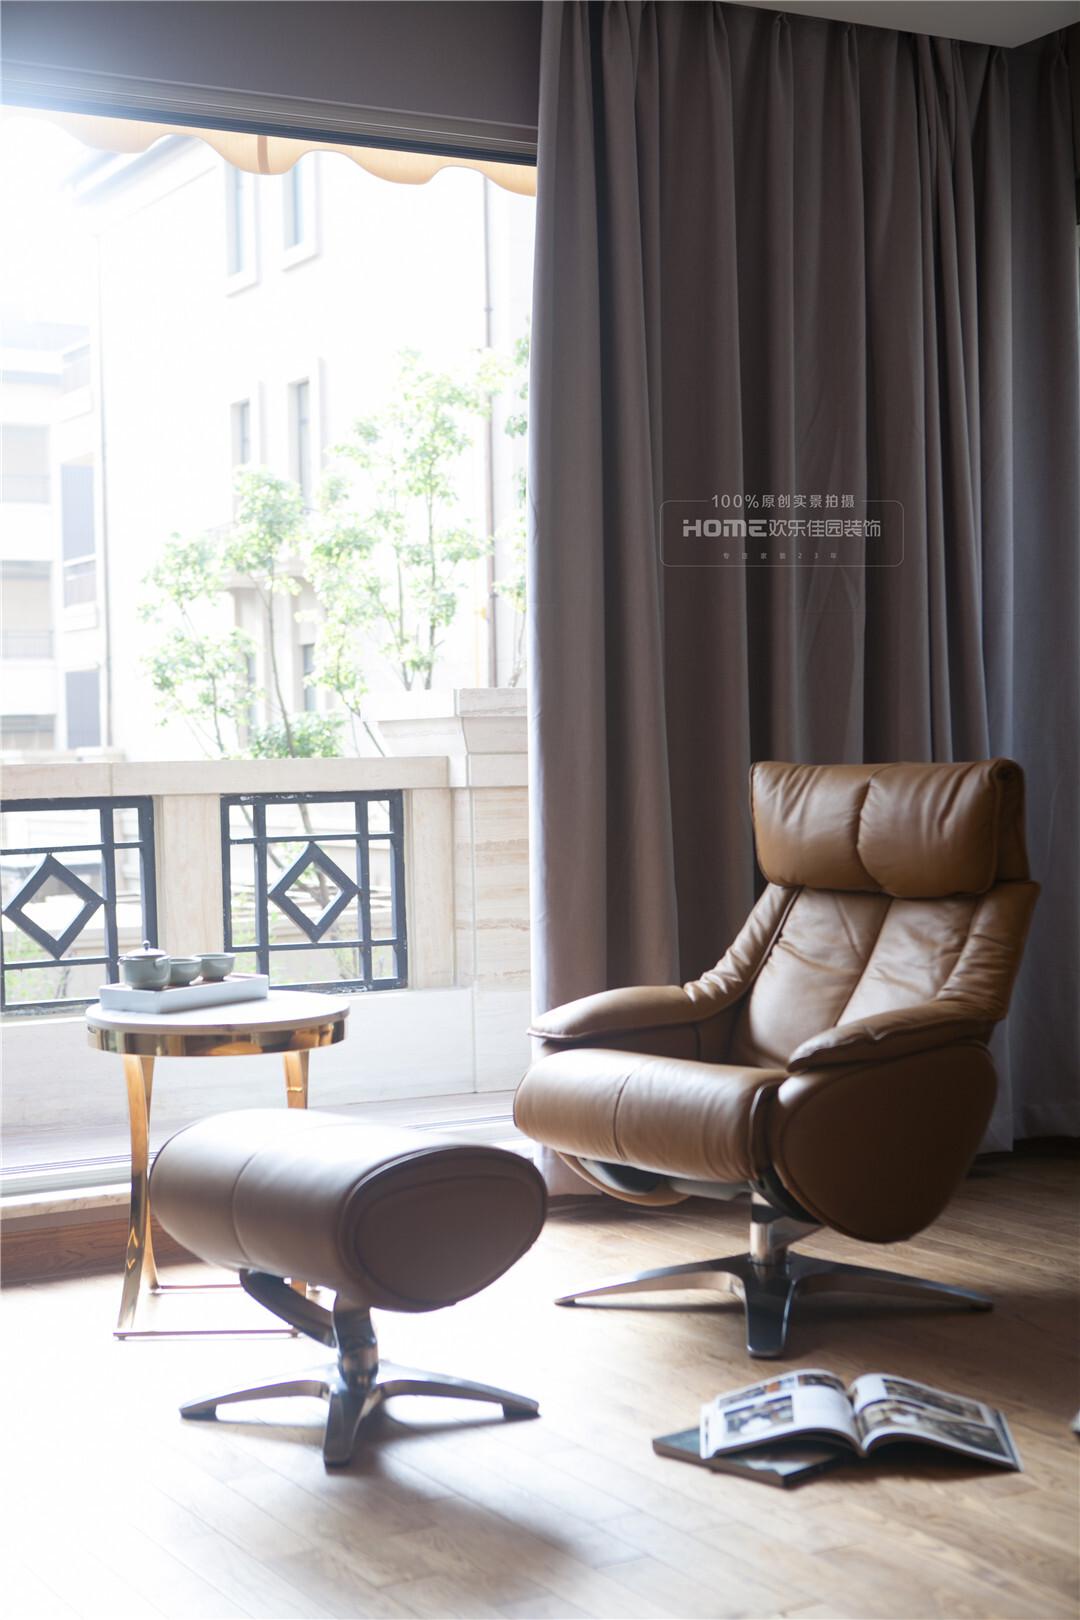 【海珀澜庭】轻奢中式460平米昆明豪宅装修实景欣赏